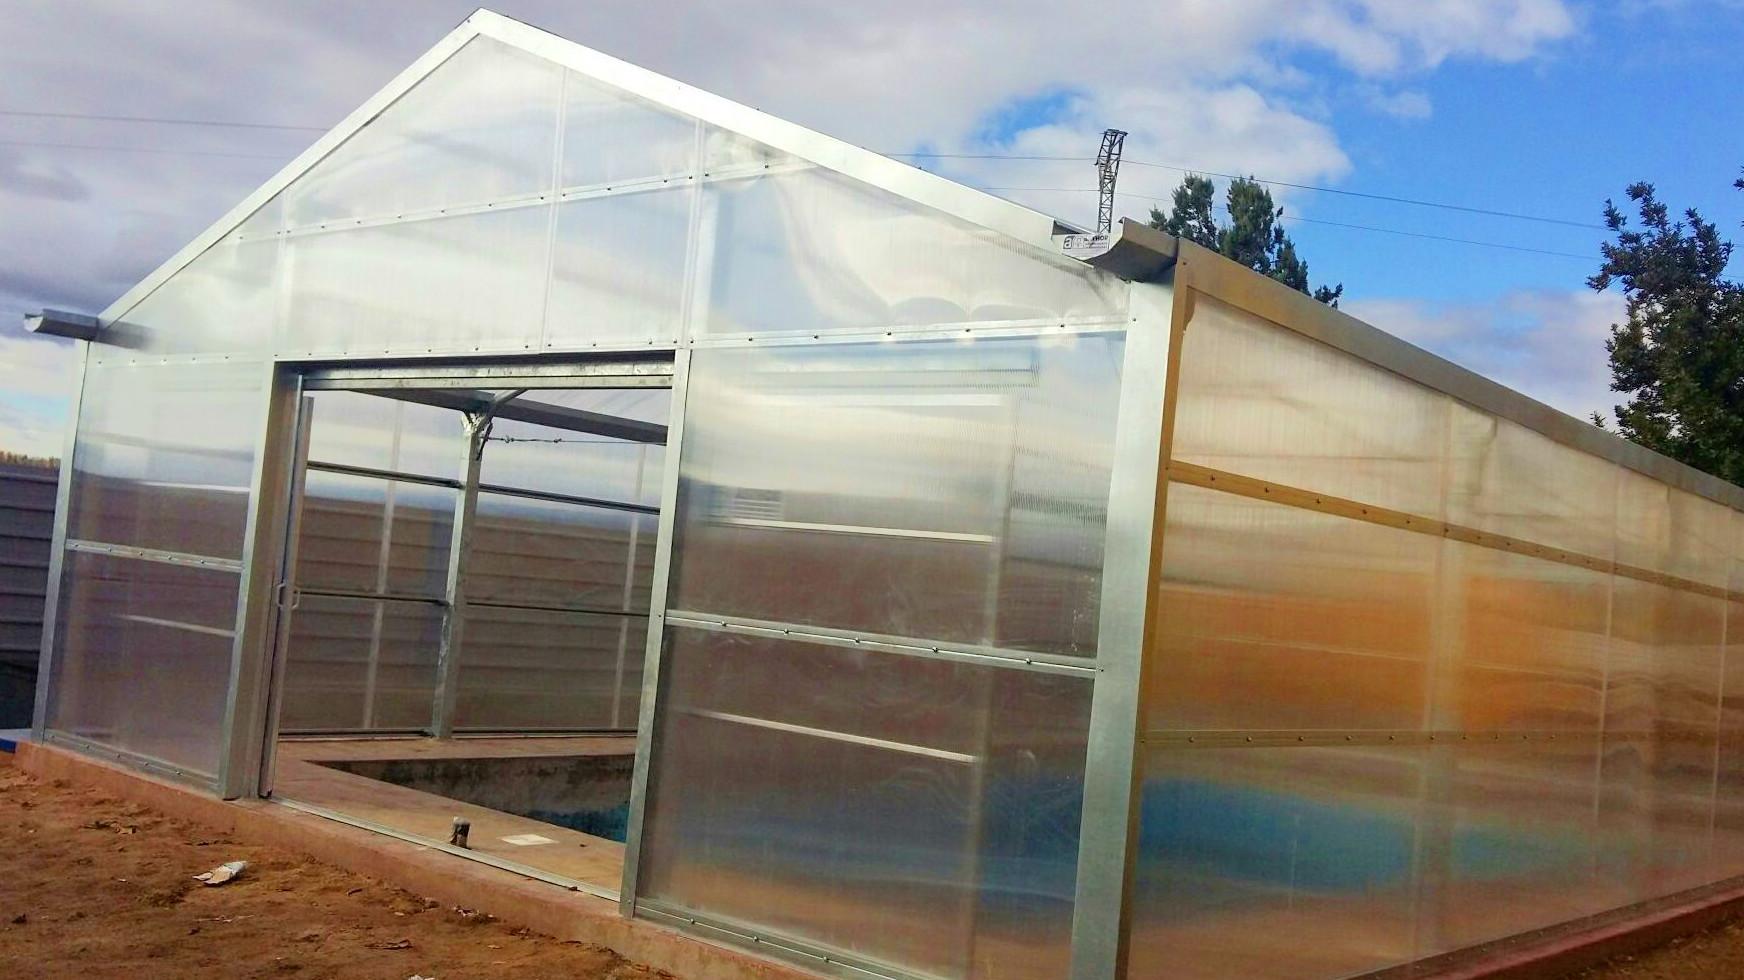 És una construcció més o menys permanent que permet modificar el microclima del seu interior i permetre el conreu de vegetals en millors condicions o fora d'època.